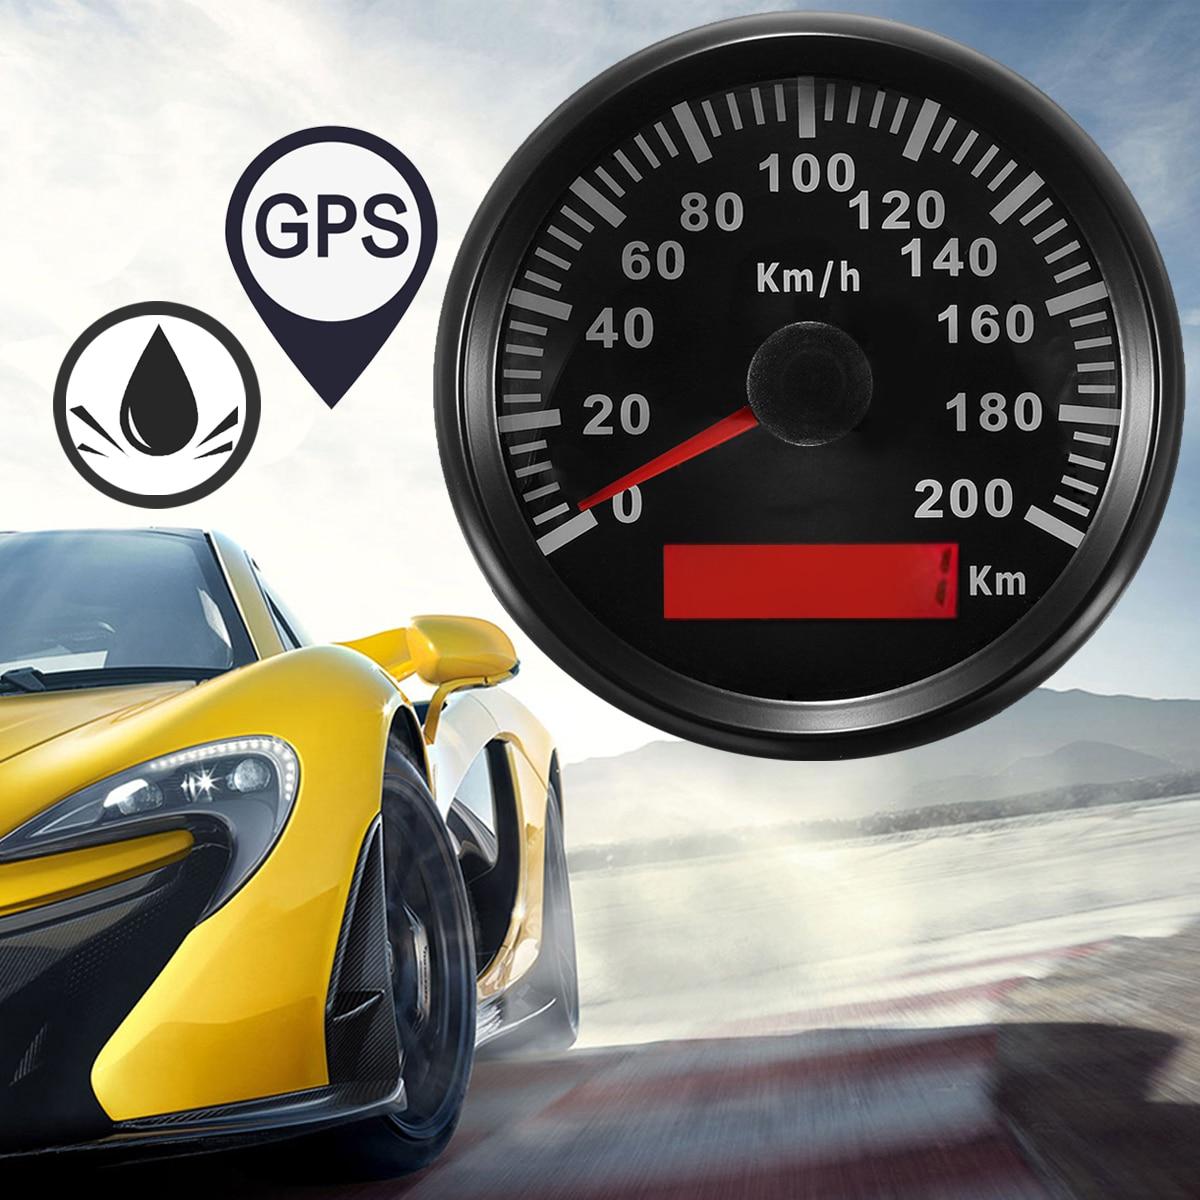 Universel 85mm GPS compteur de vitesse en acier inoxydable 200 km/h vélo voiture camion moteur Auto compteur de vitesse avec rétro-éclairage étanche numérique jauges